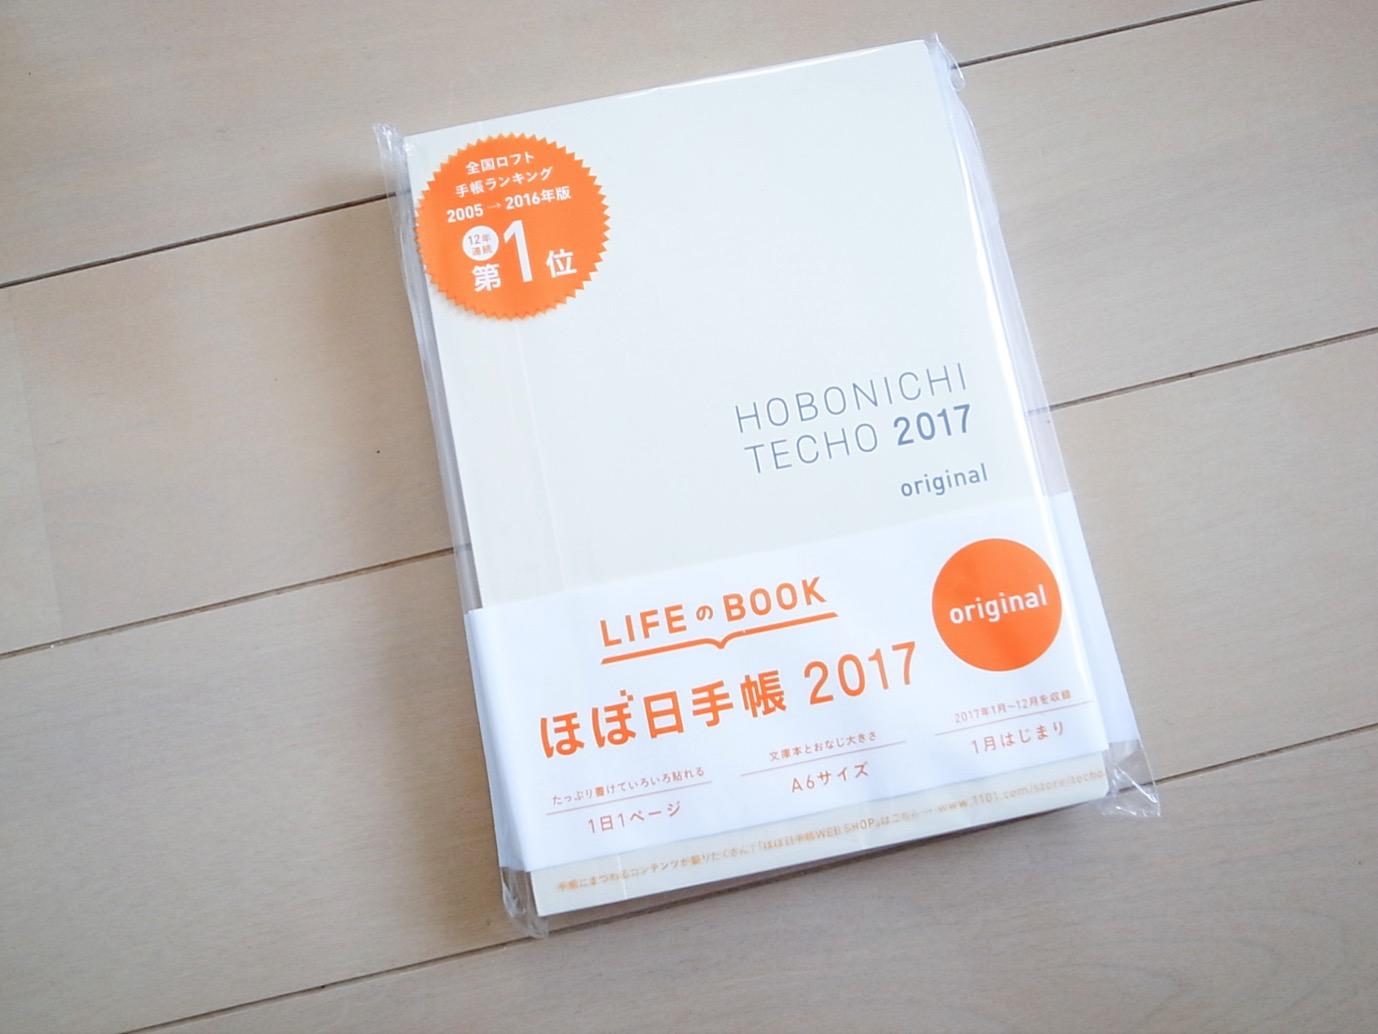 Hobonichi techo 2017 1